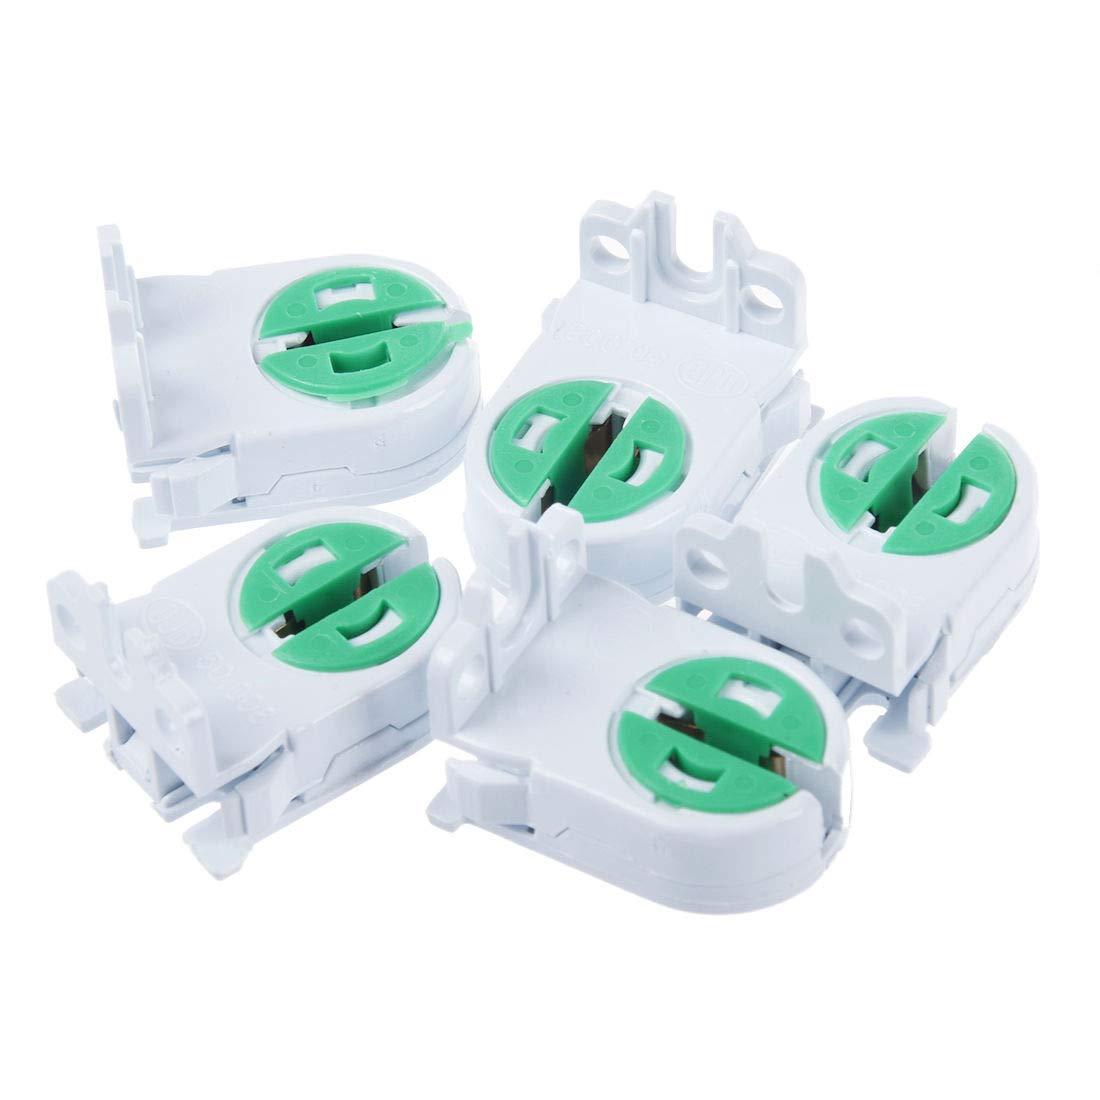 T5 Lamp Holder Lamp Socket Tube Accessory AC 100-250V For Aging Test 20pcs T5